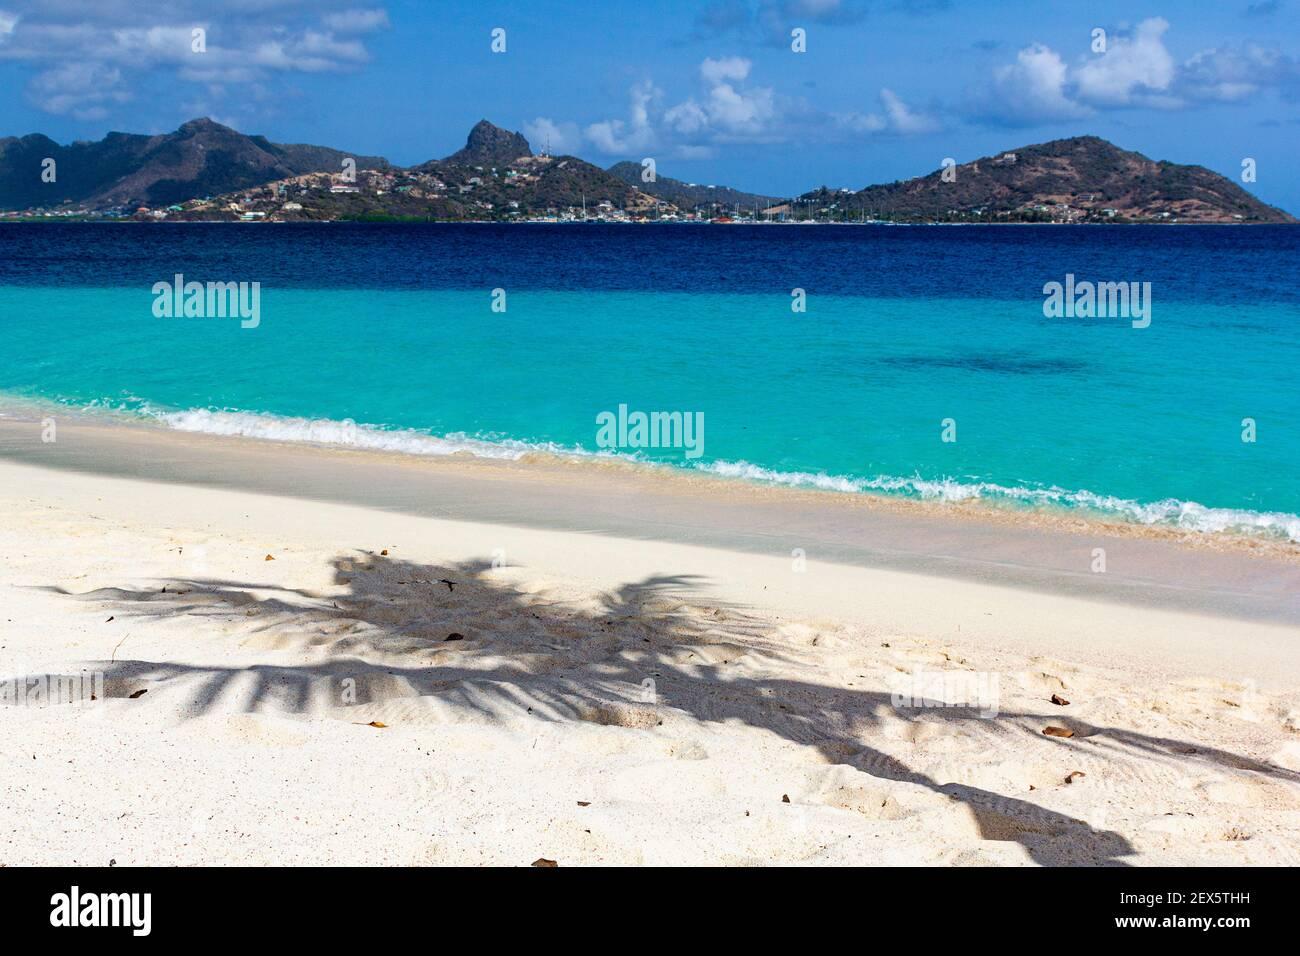 La sombra de las palmeras en una playa caribeña con el océano Turquesa del Caribe y la isla Union: Playa Casuarina, Isla Palm, San Vicente y las Granadinas Foto de stock